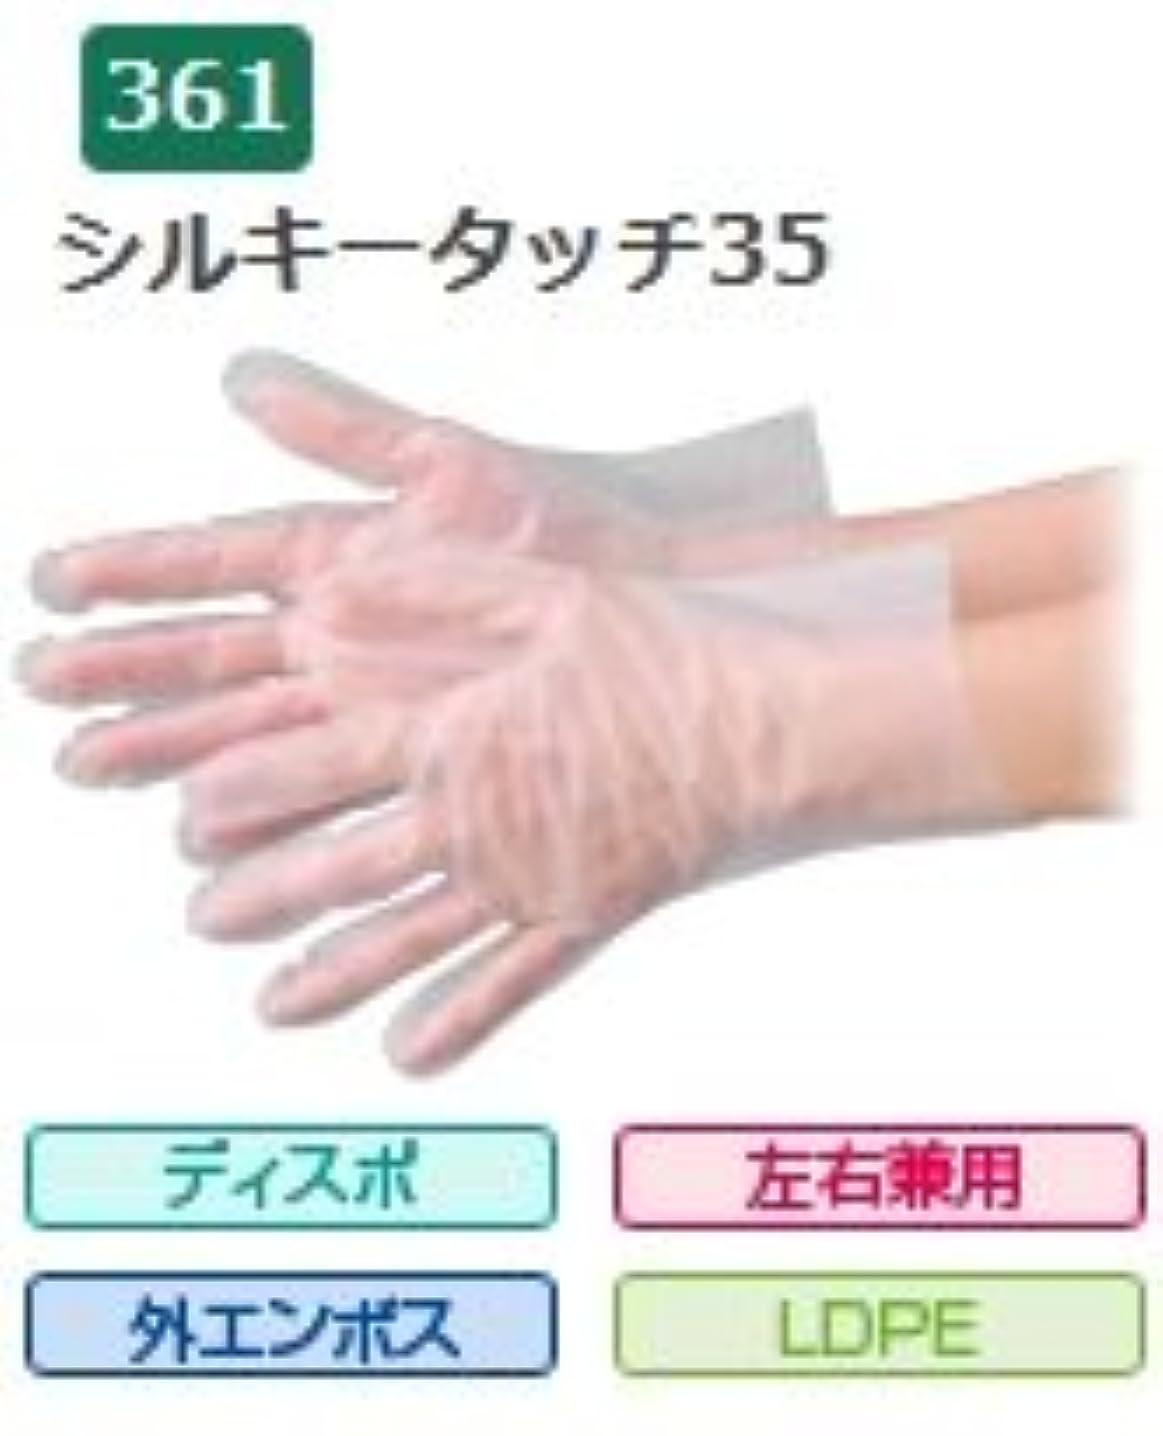 セイはさておき学校教育歯科のエブノ ポリエチレン手袋 No.361 M 半透明 (100枚×50箱) シルキータッチ35 箱入